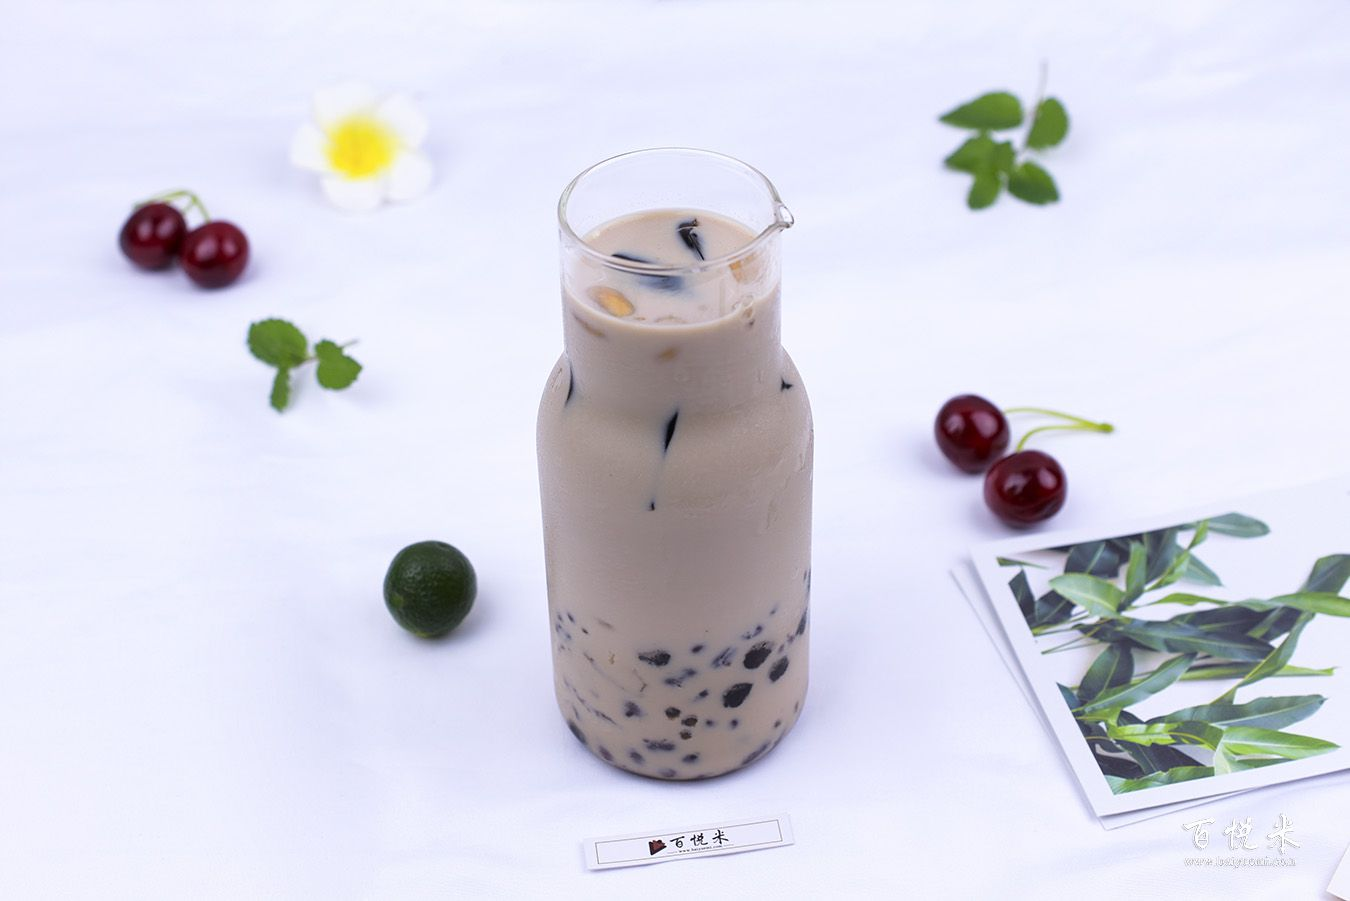 红豆奶茶烧仙草高清图片大全【蛋糕图片】_1283